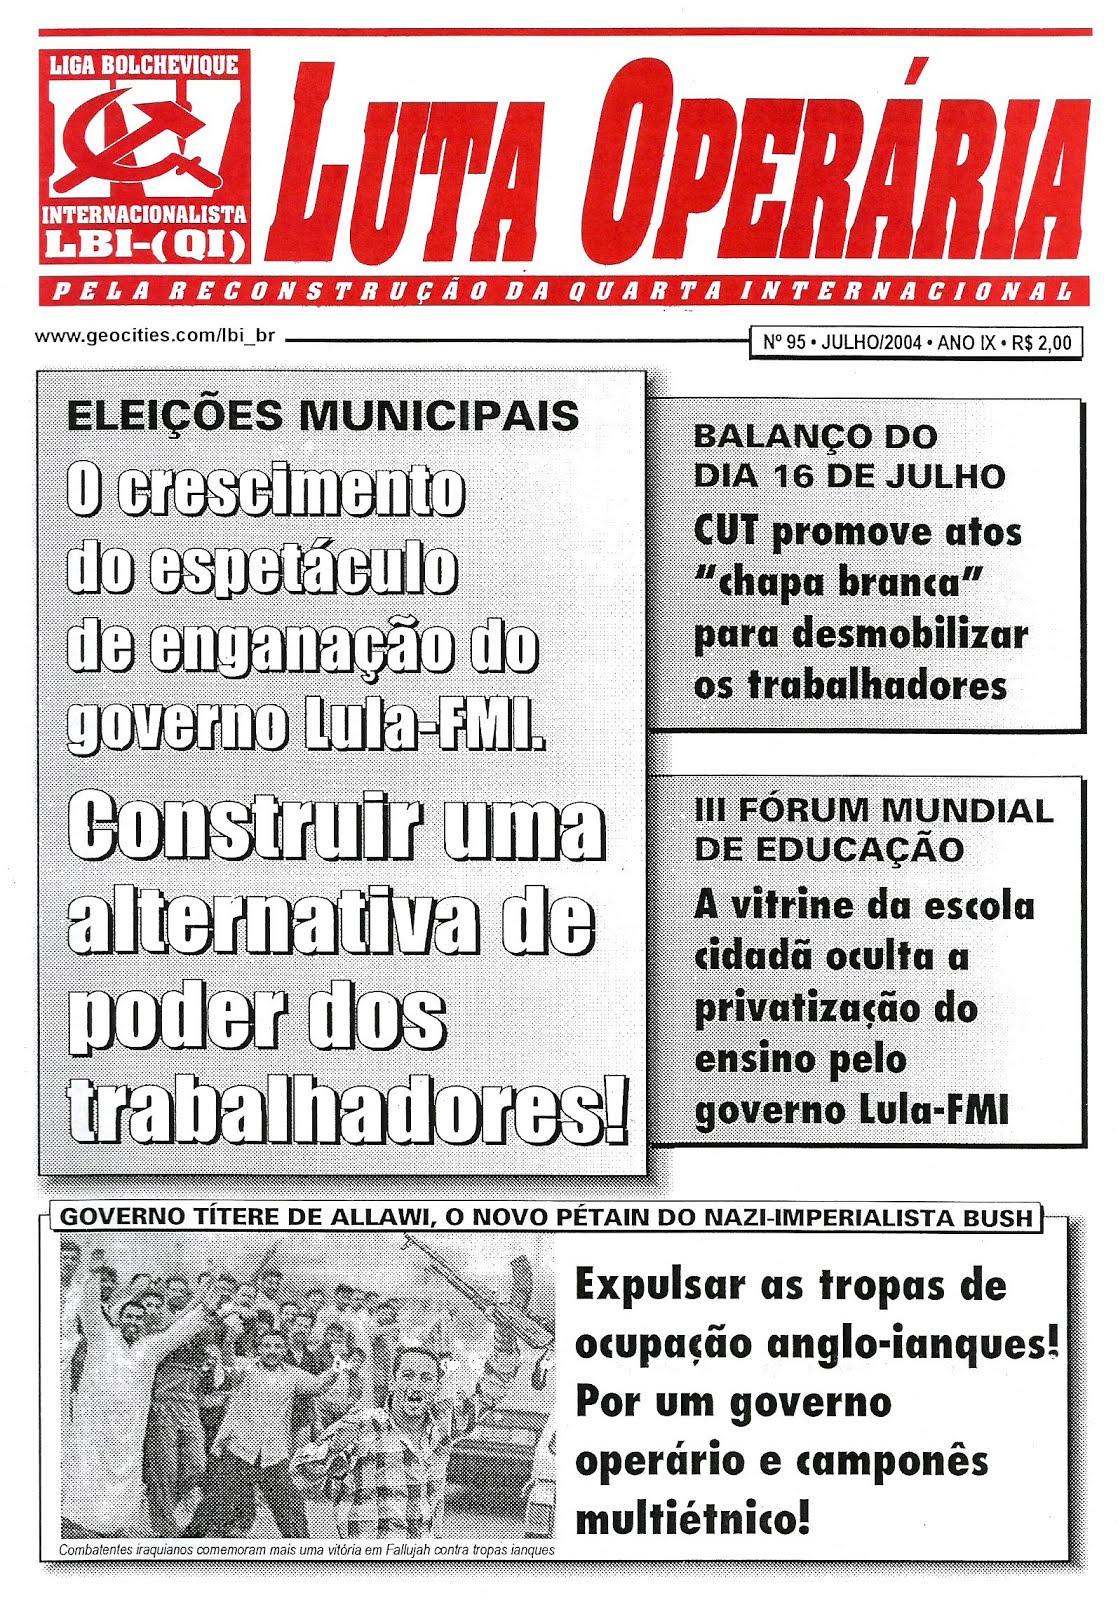 LEIA A EDIÇÃO DO JORNAL LUTA OPERÁRIA Nº 95, JULHO/2004